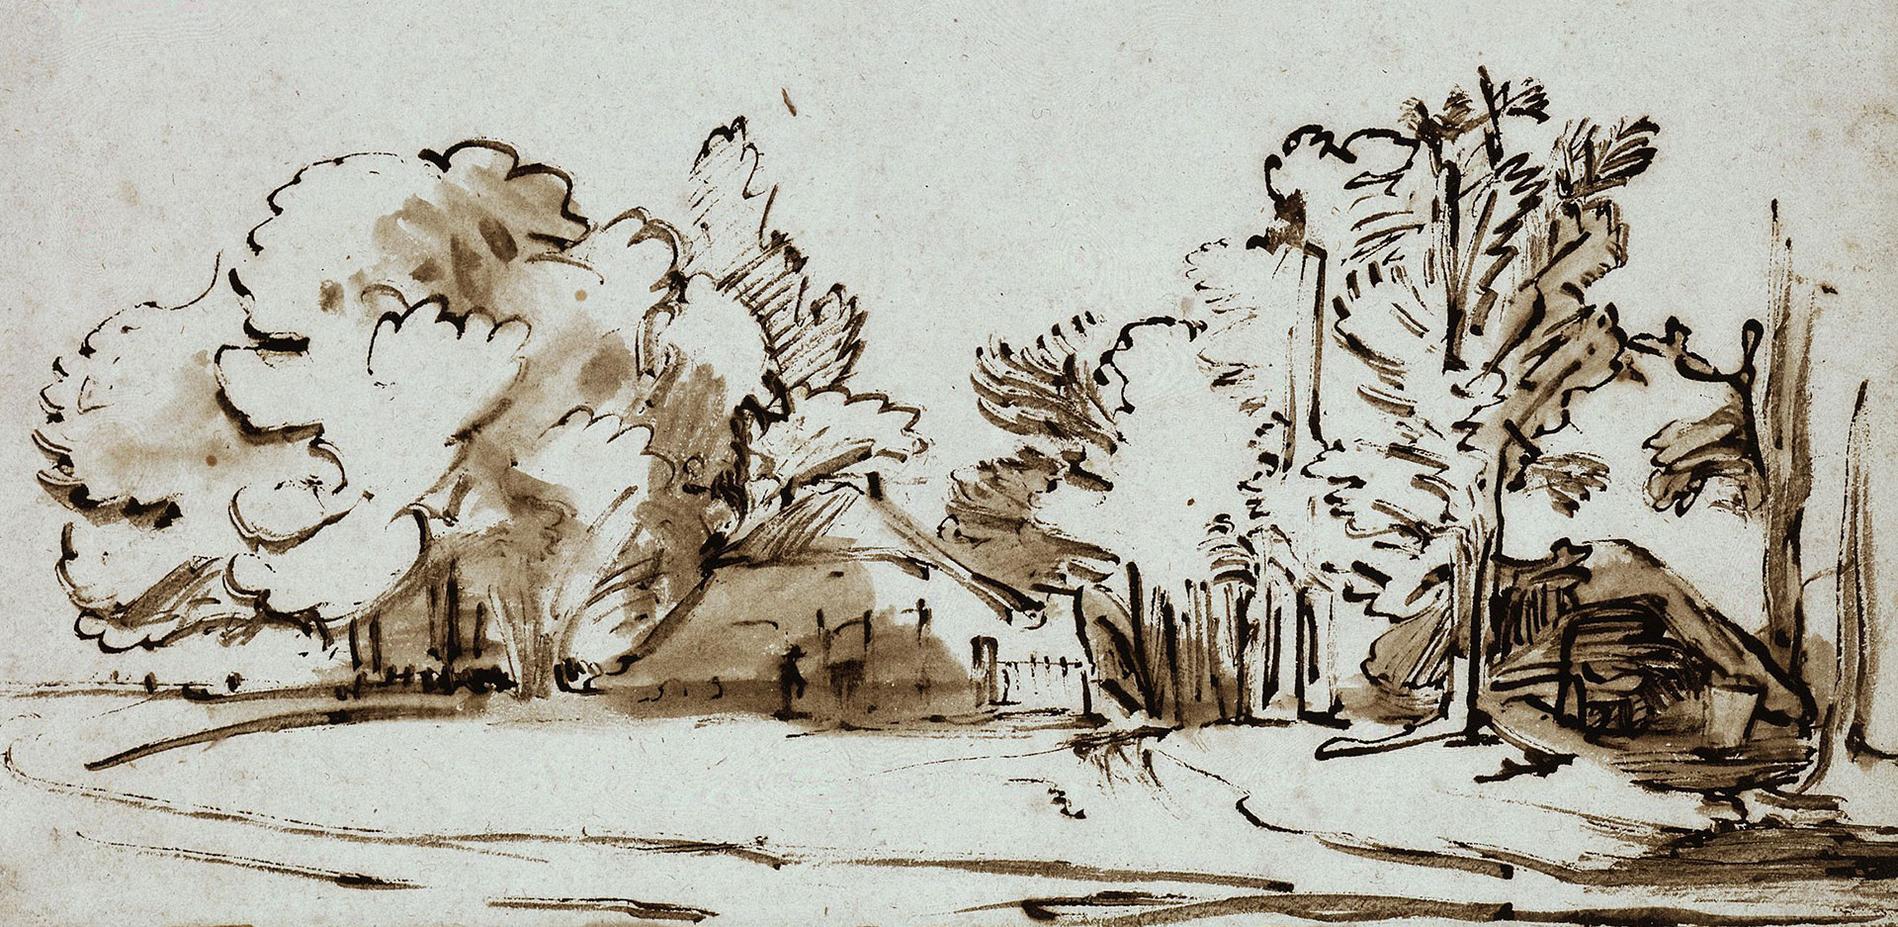 Constantijn Daniel van Renesse, Landschaft mit zwei Hütten unter Bäumen, um 1653, Feder in Braun, braun laviert (Ausschnitt) © Staatliche Museen zu Berlin, Kupferstichkabinett